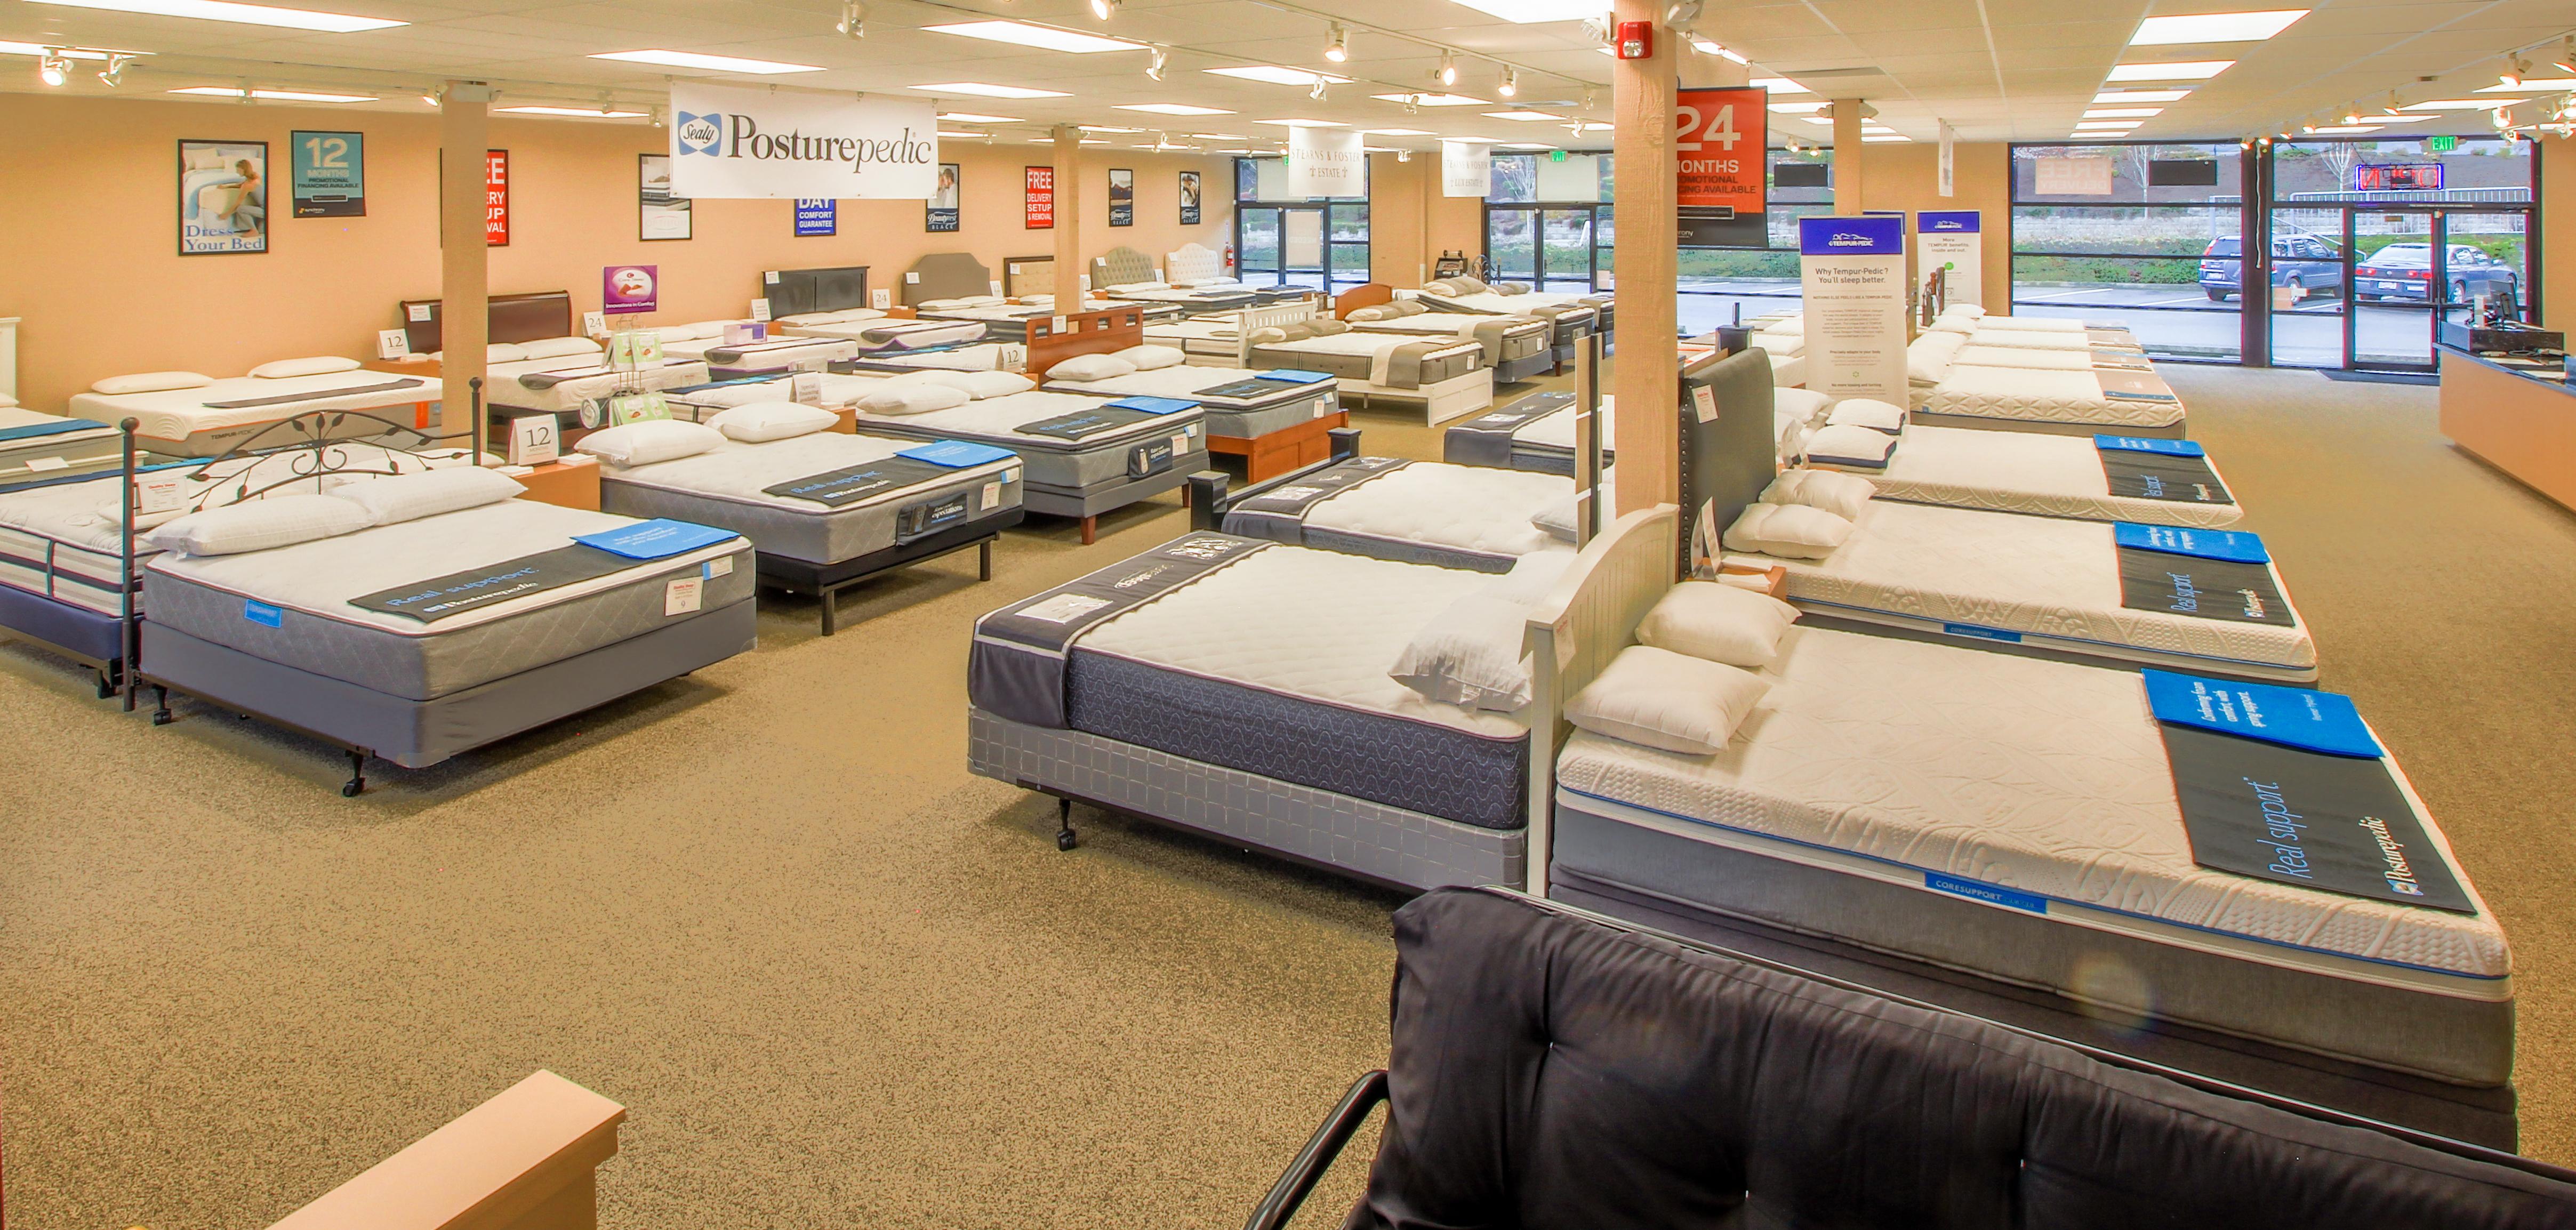 Quality Sleep Mattress Store Bellevue | 12121 Northup Way Ste 207, Bellevue, WA, 98005 | +1 (425) 449-8090